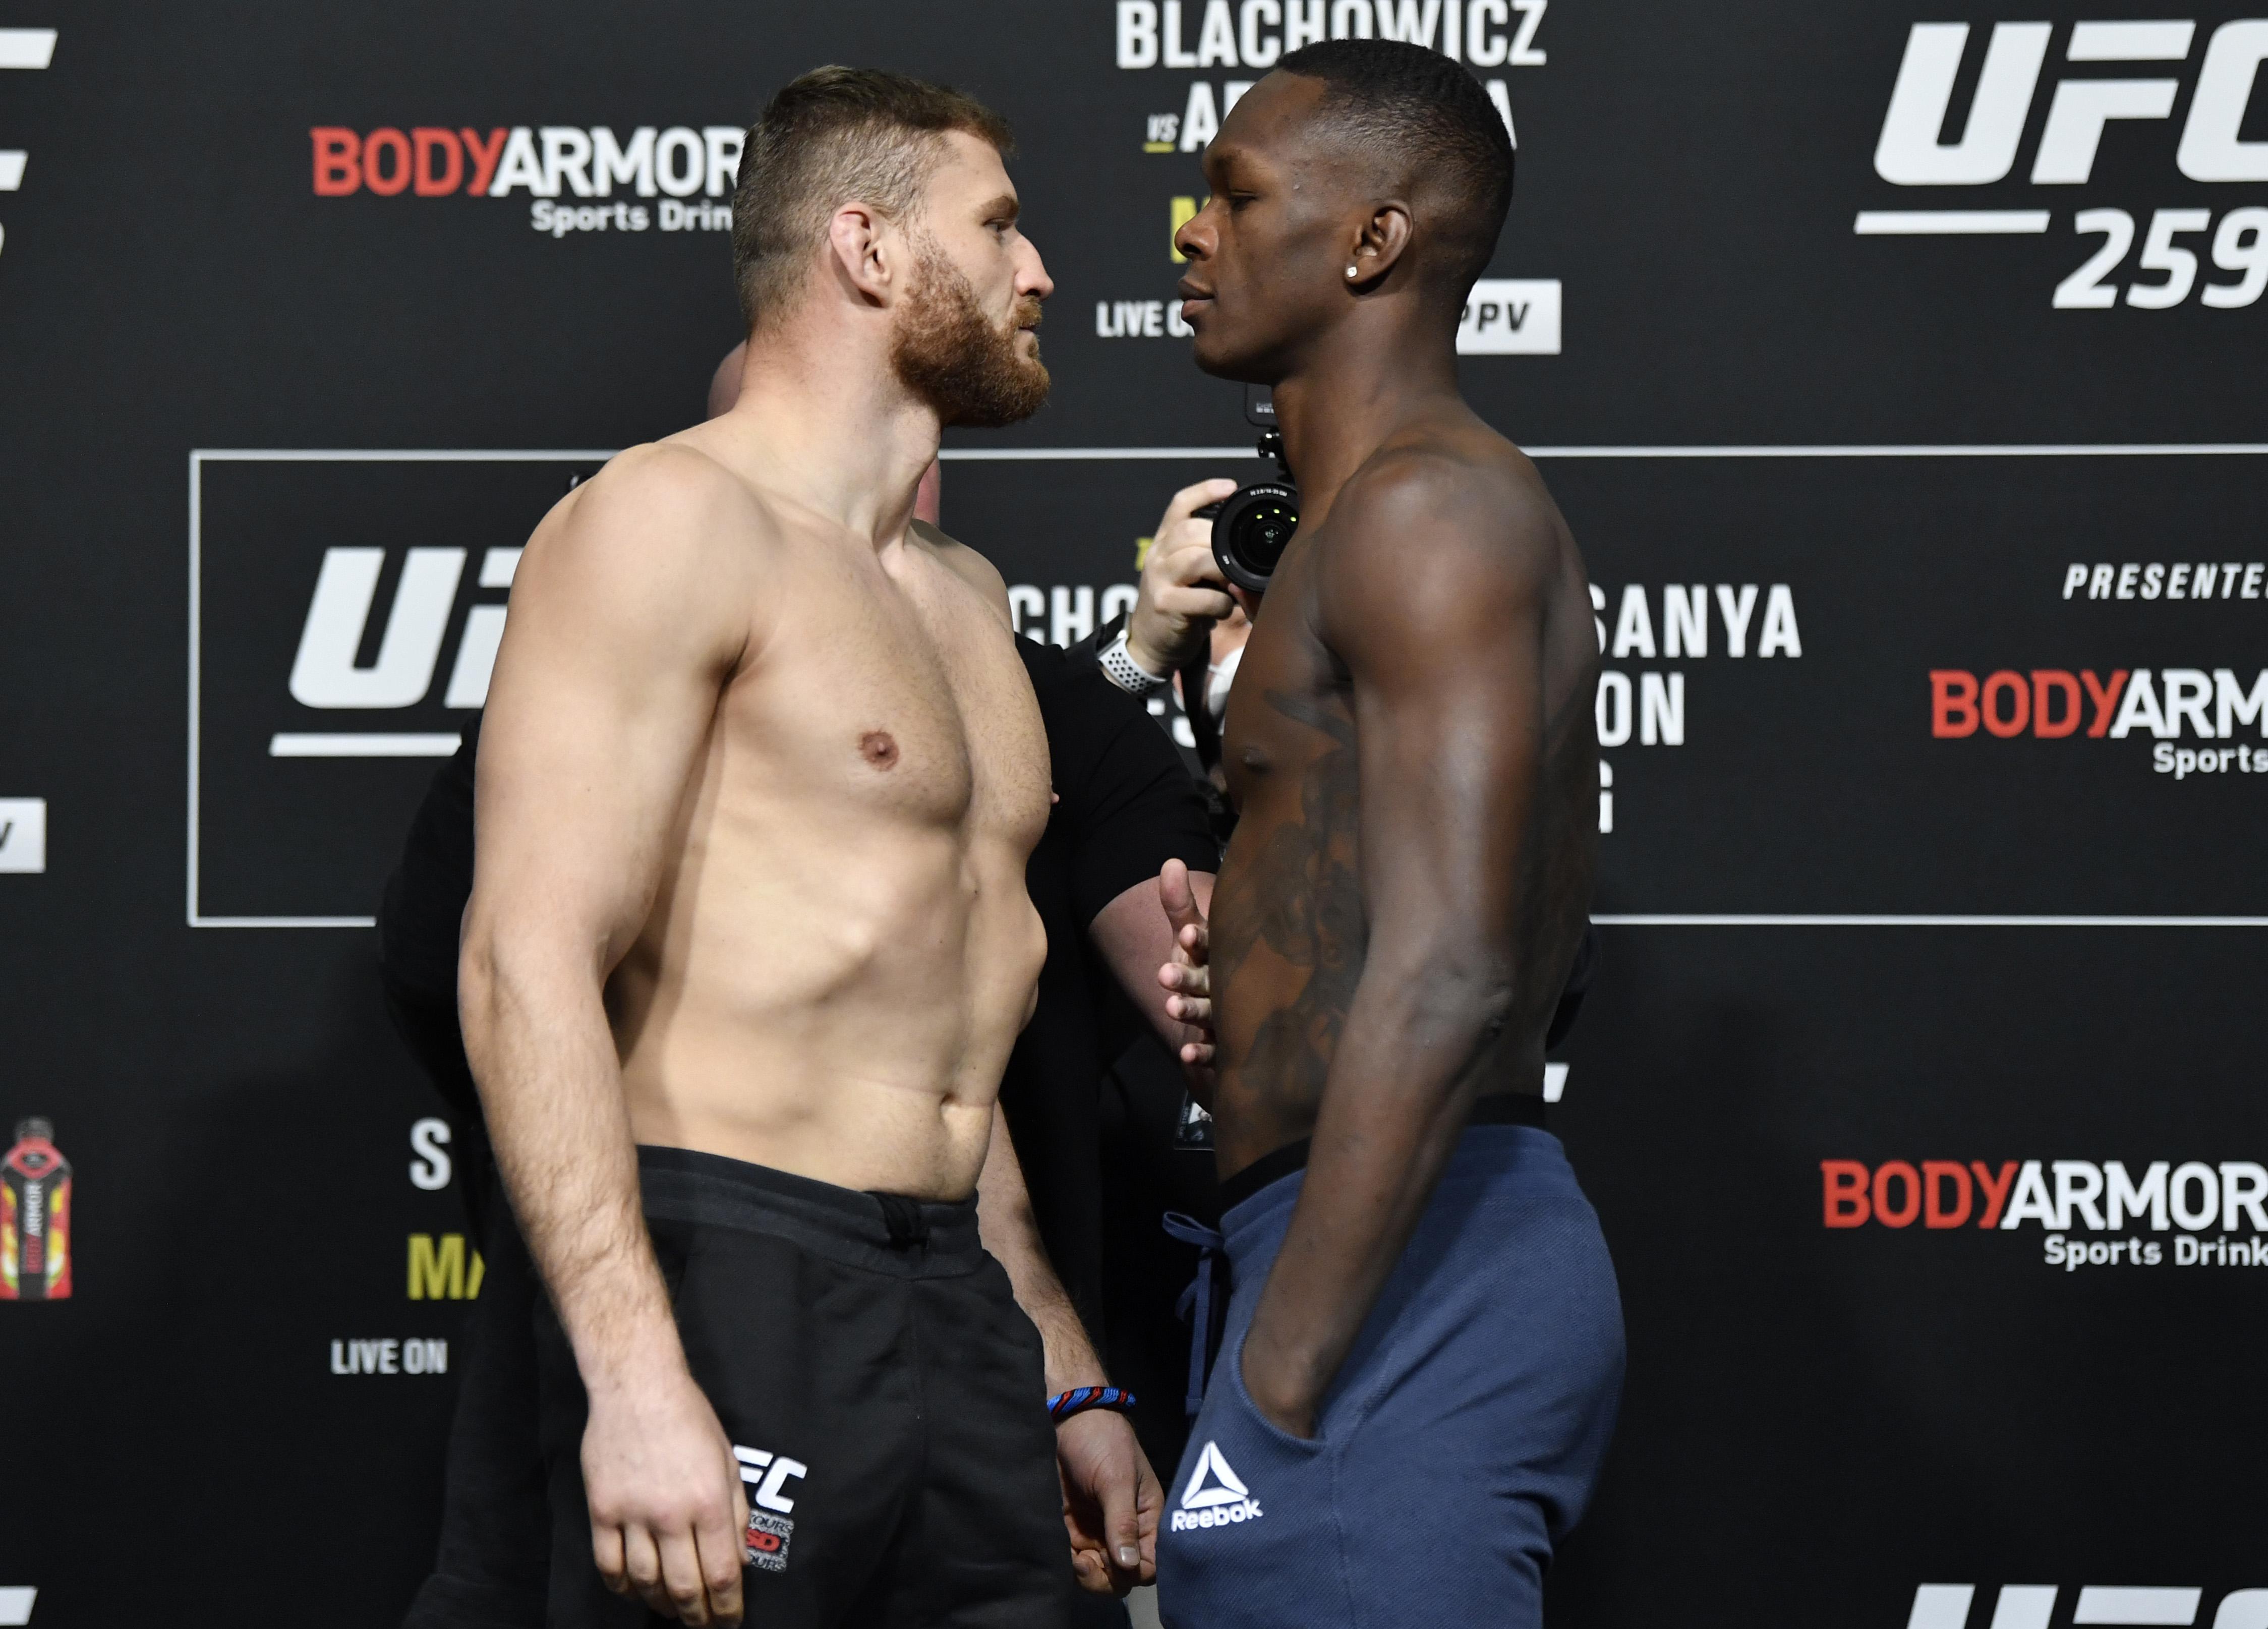 Jan Blachowicz and Israel Adesanya at UFC 259